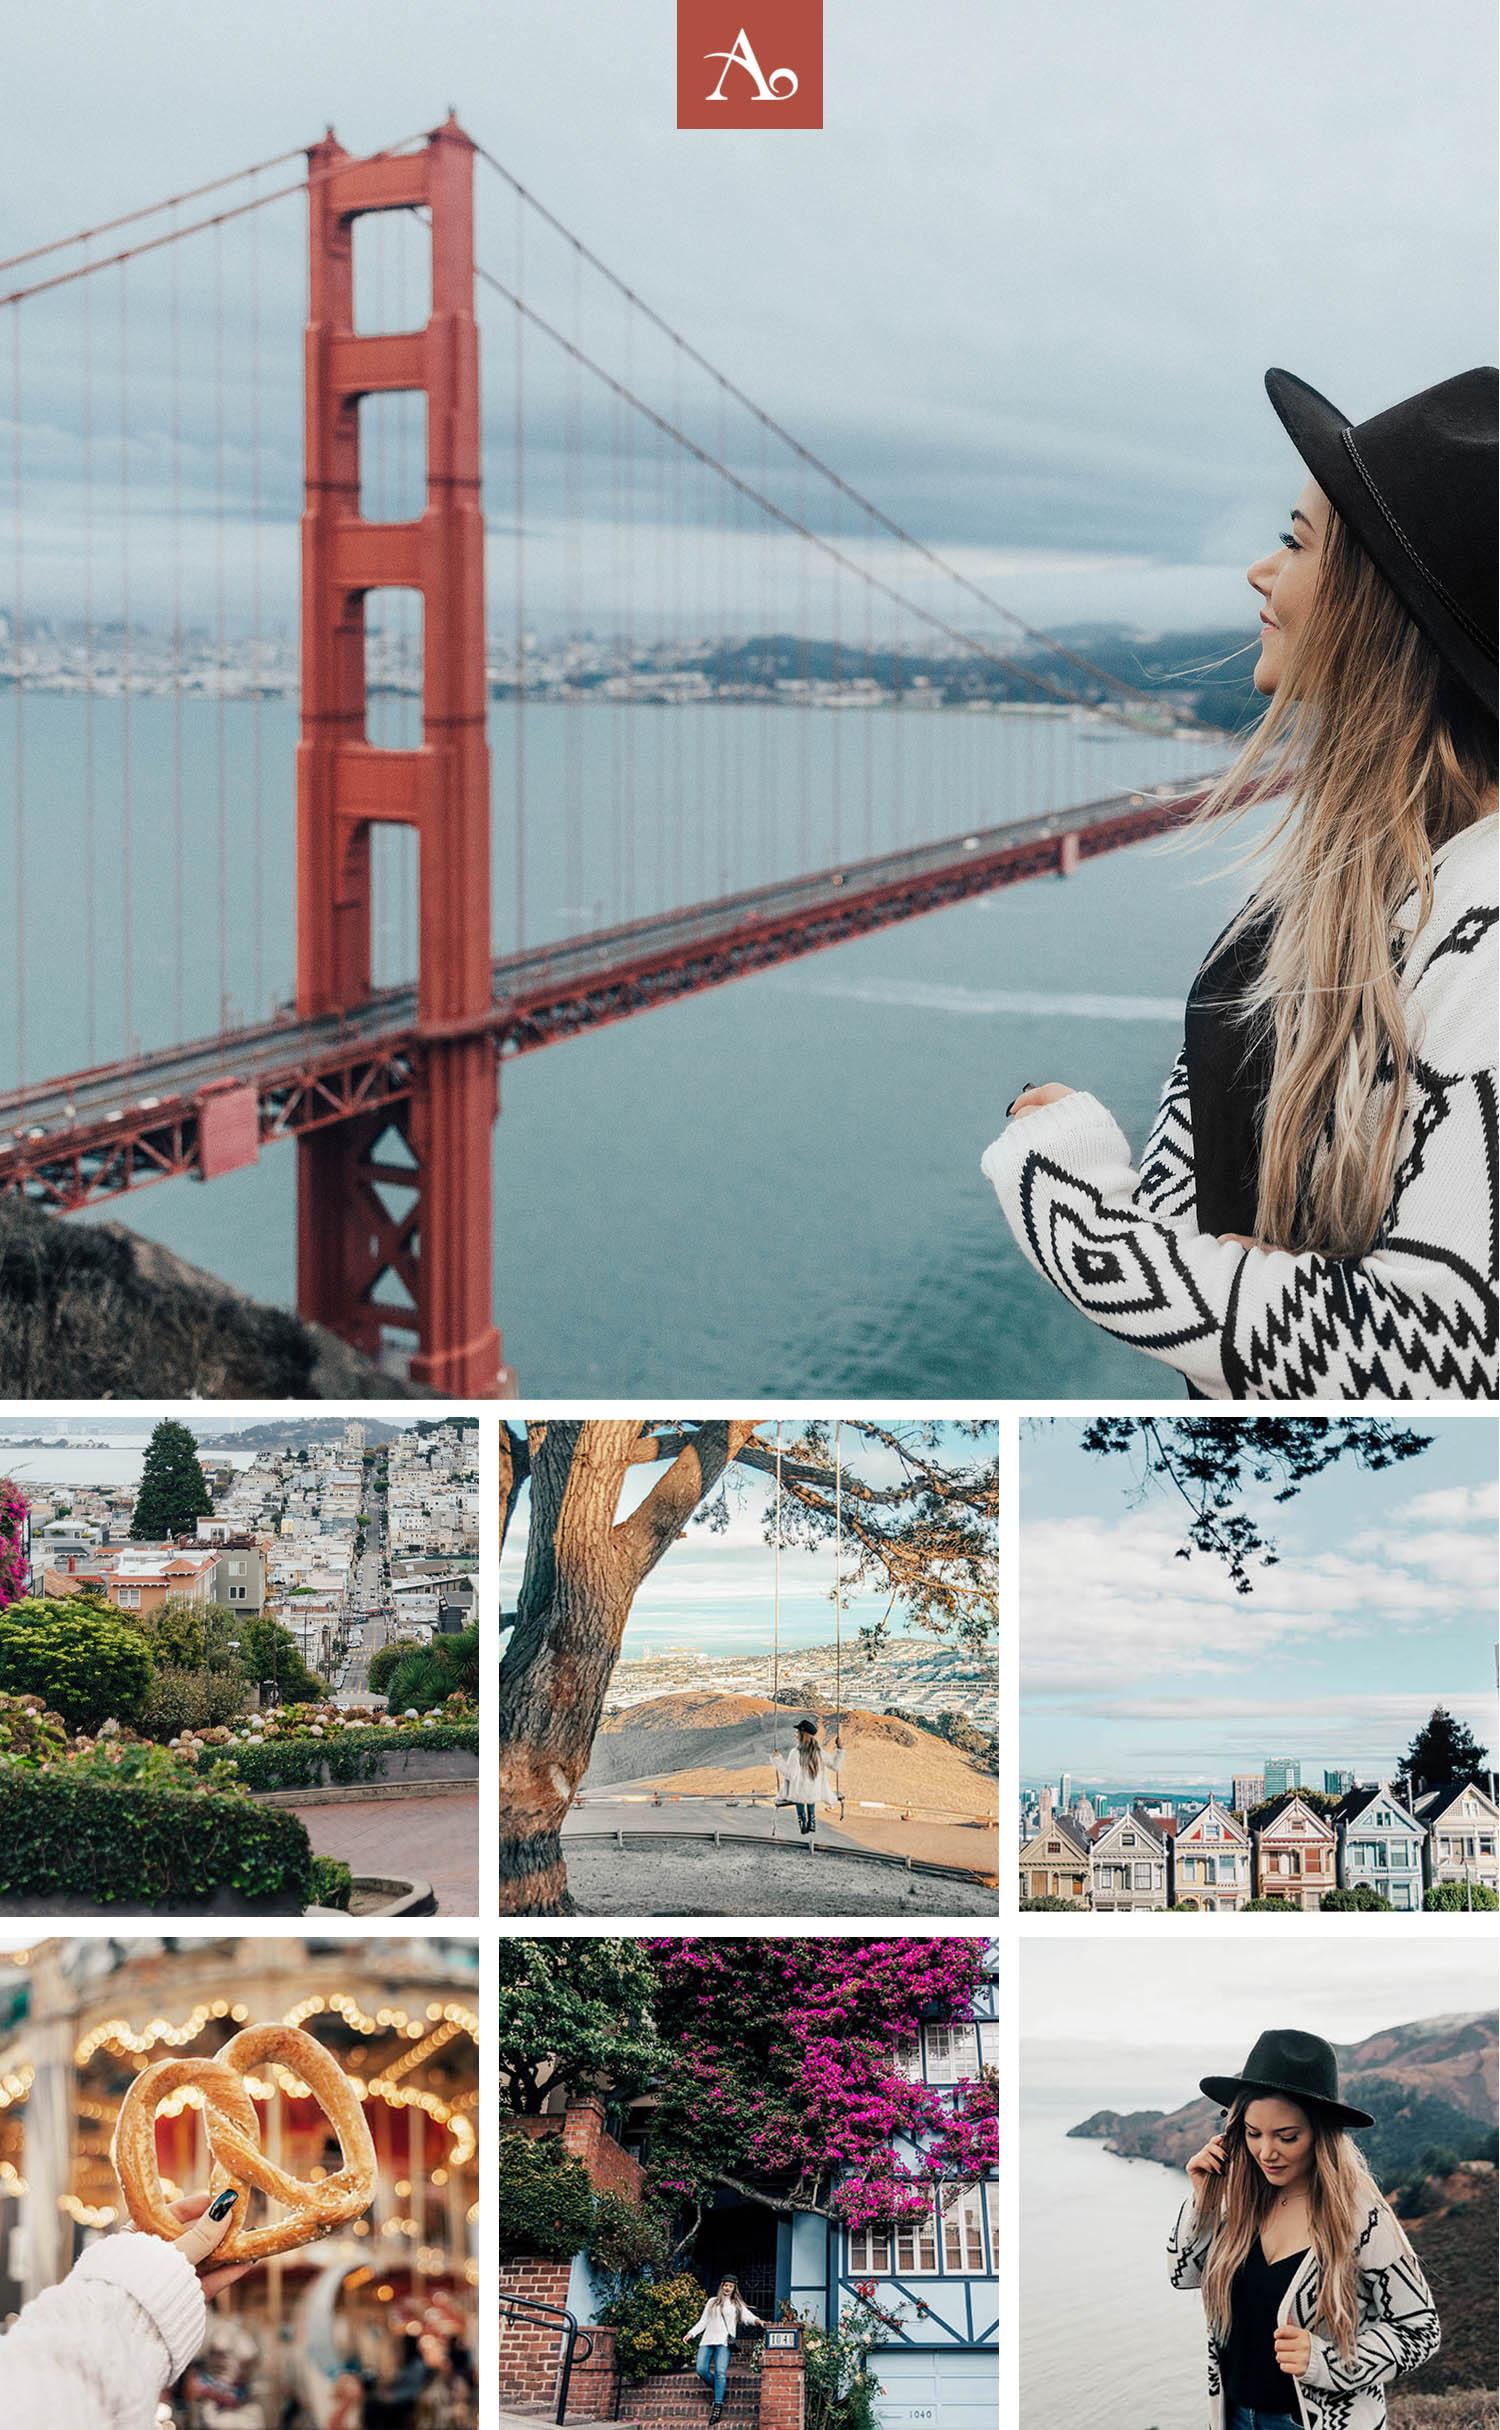 Instagramvänliga platser i San Francisco